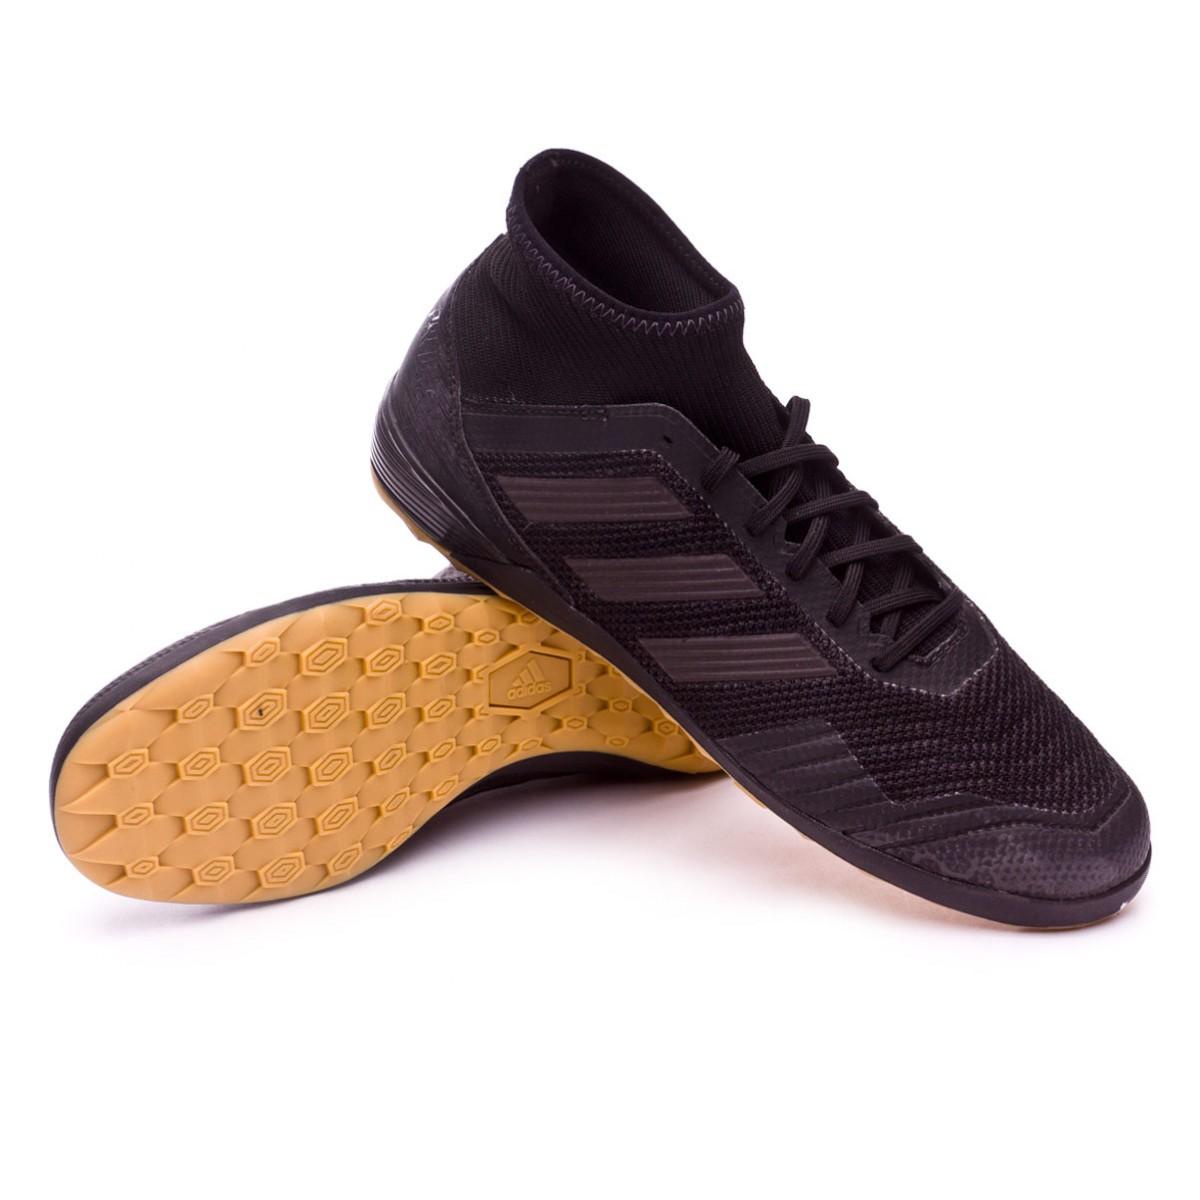 39280d7252e Zapatilla adidas Predator Tango 18.3 IN Core black-Real coral - Tienda de fútbol  Fútbol Emotion